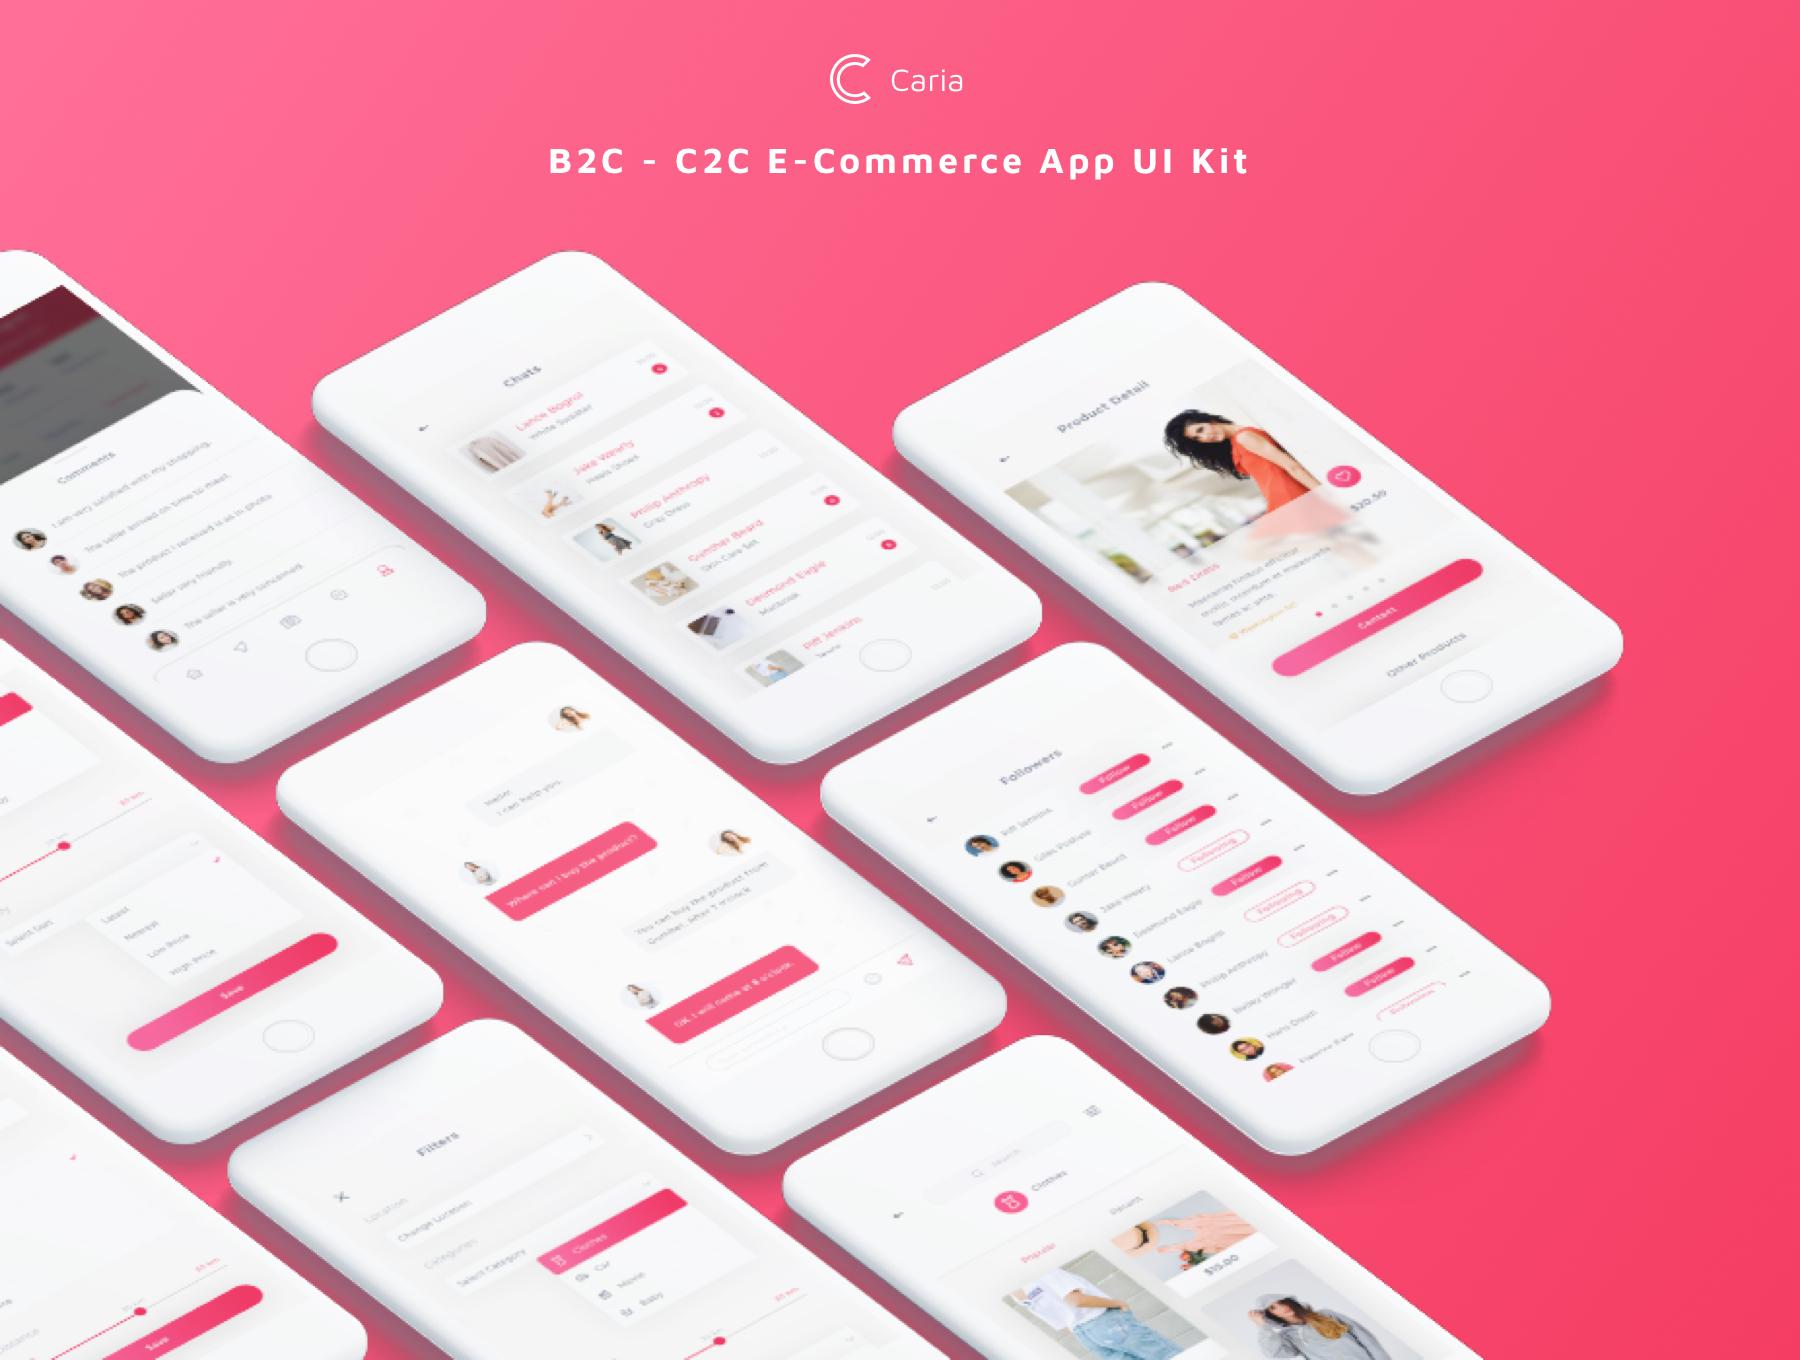 时尚的B2C和C2C电商APP UI KIT模板套装下载[Sketch] Caria - eCommerce App UI Kit